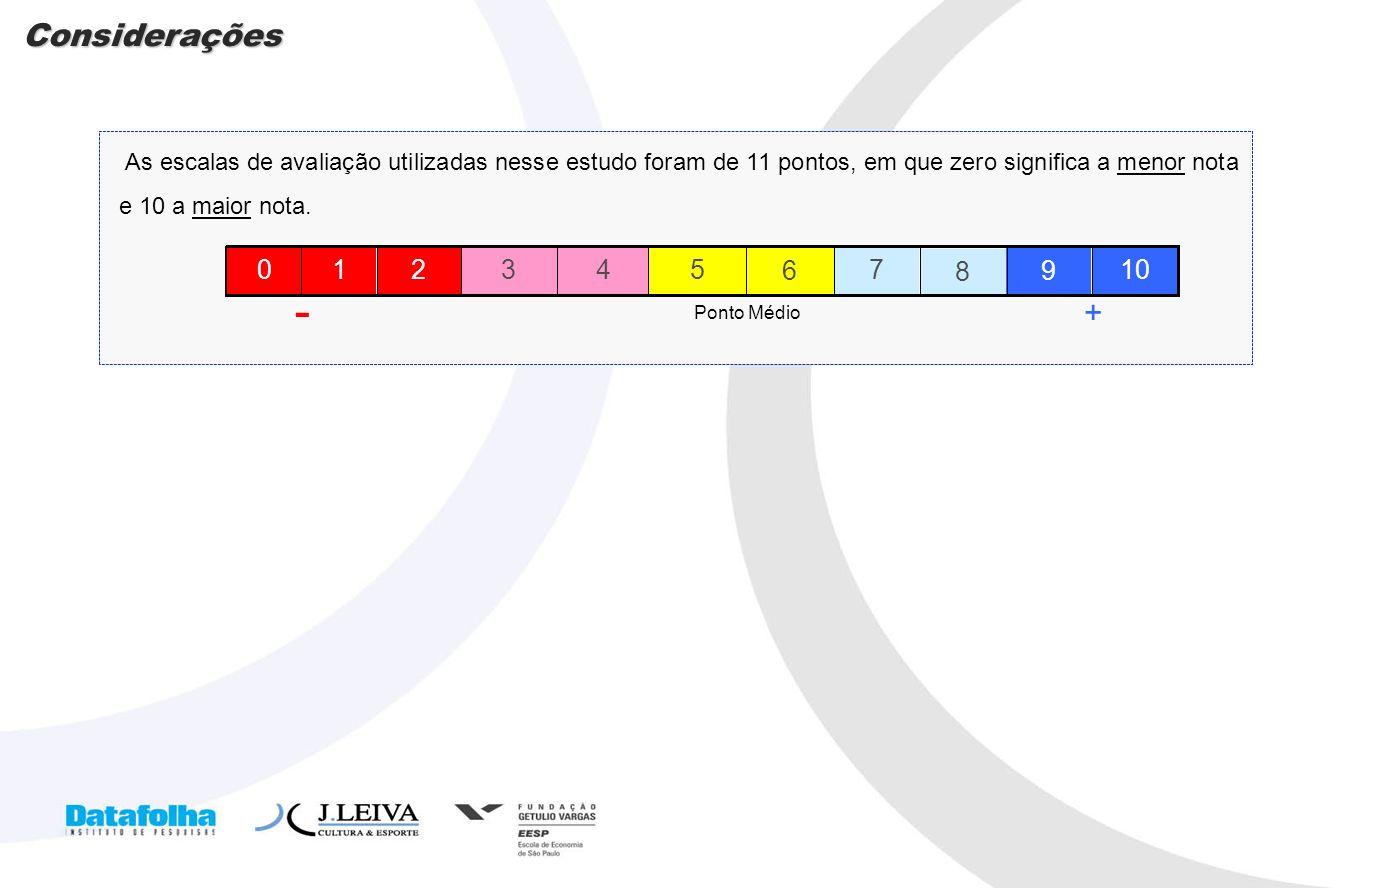 5 As escalas de avaliação utilizadas nesse estudo foram de 11 pontos, em que zero significa a menor nota e 10 a maior nota. + - 6 4 8 9 2 Ponto Médio